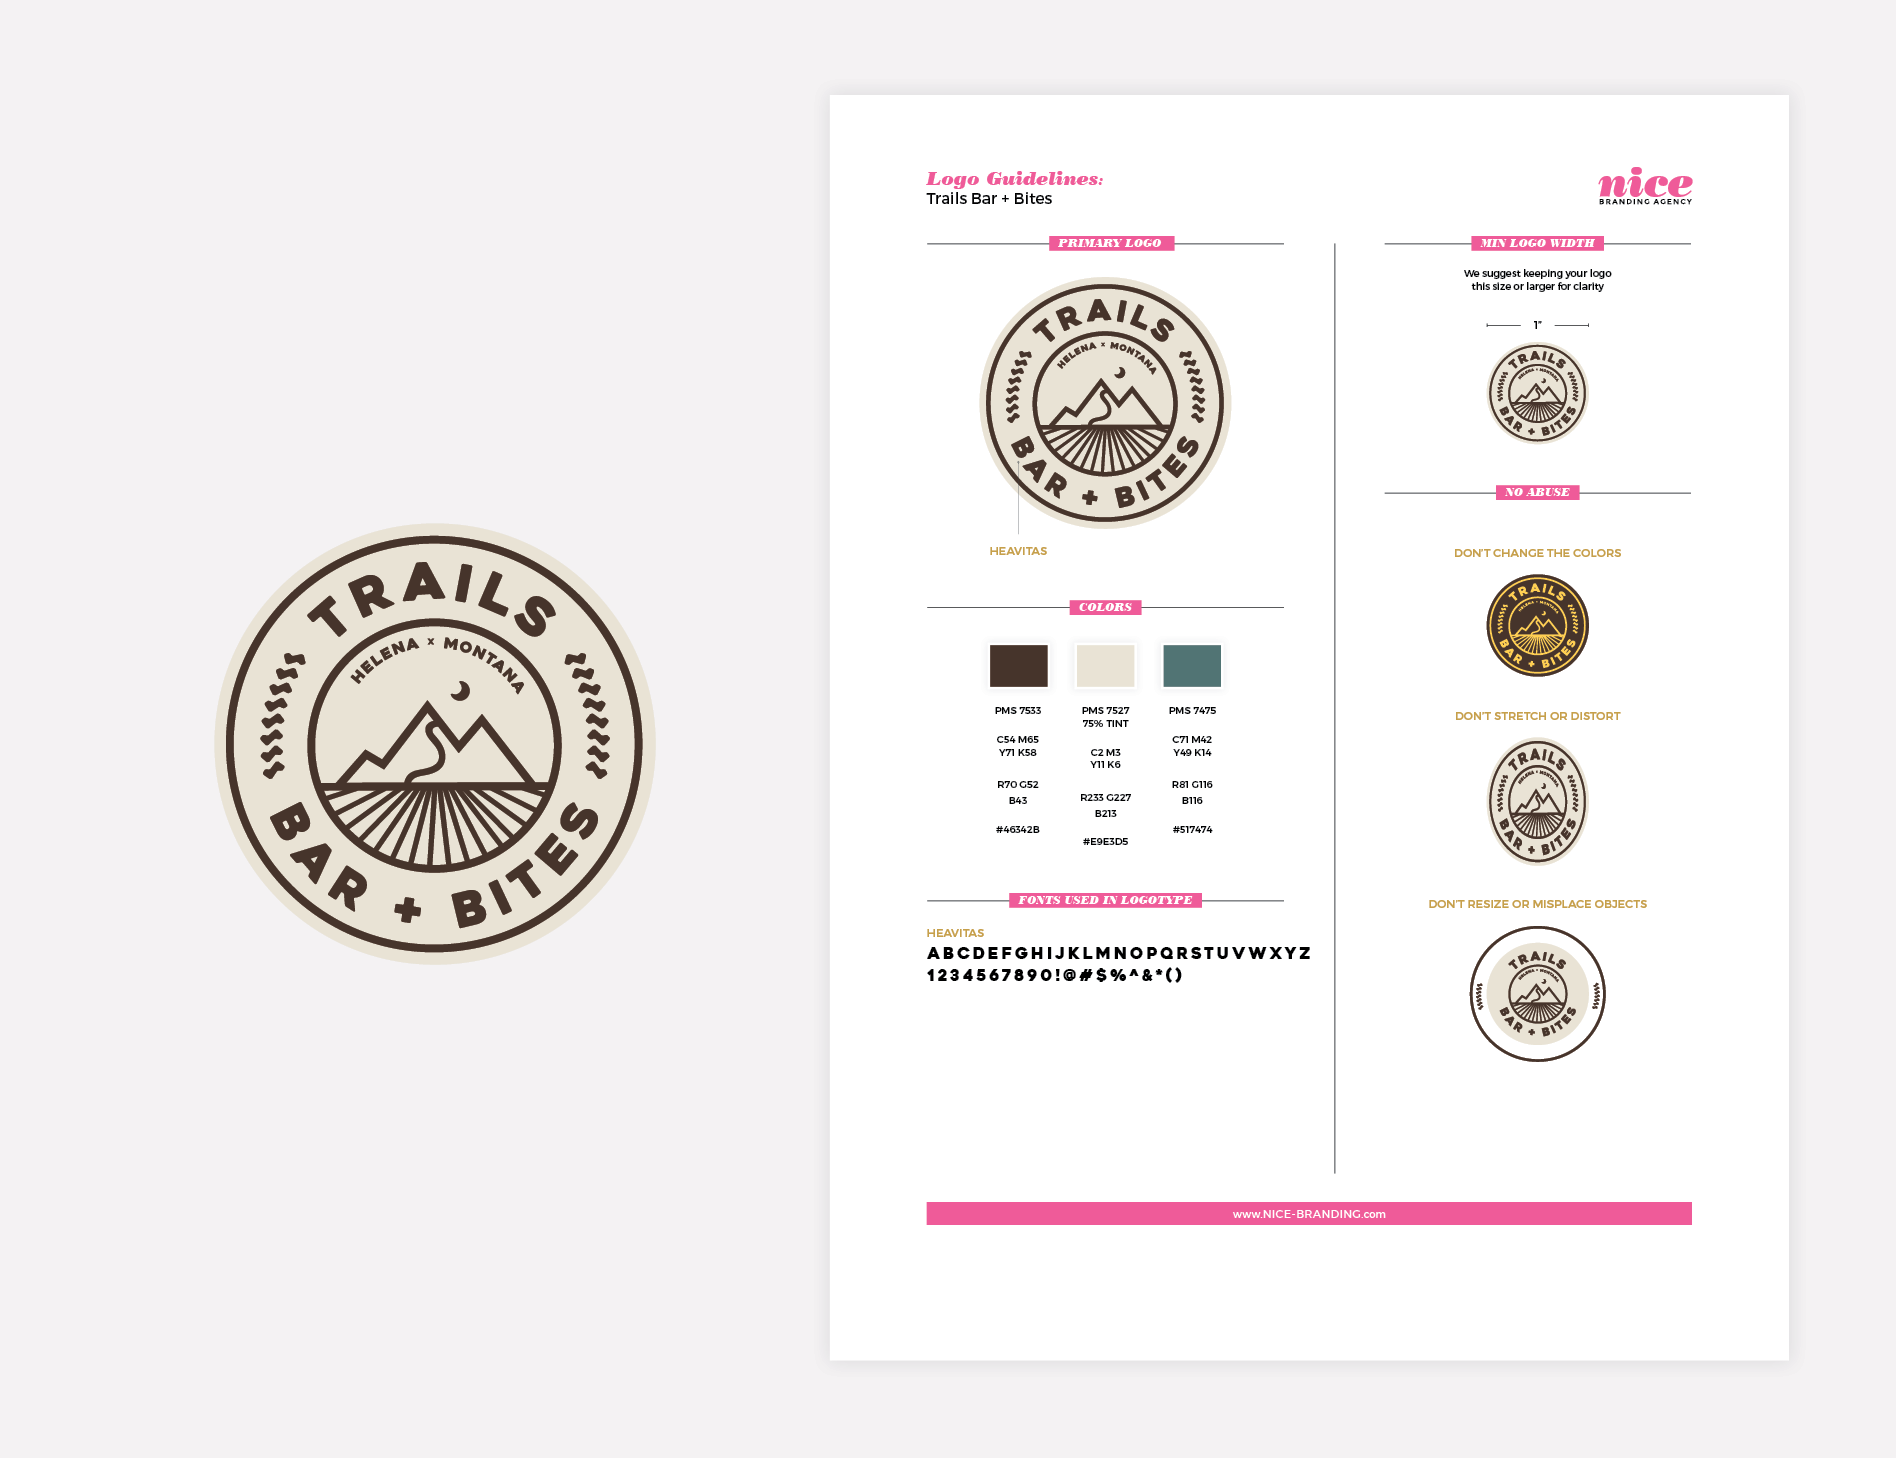 restaurant bar logo guideline sheet